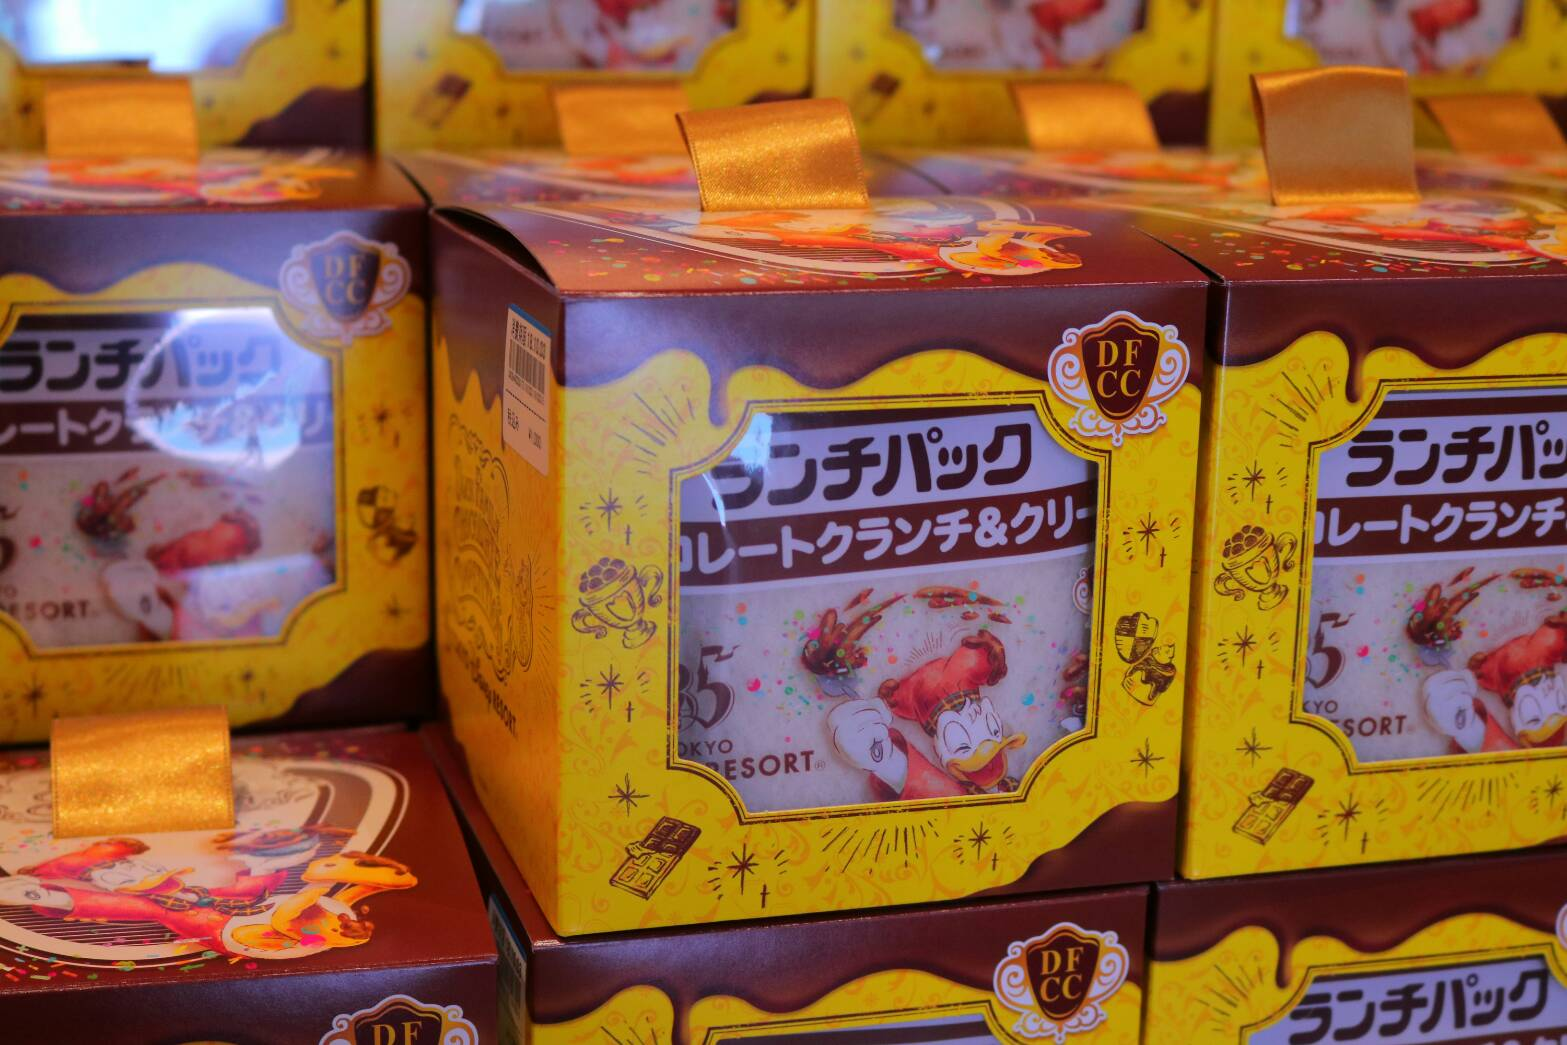 人気のチョコクランチがランチパックに!東京ディズニーリゾート「ランチ